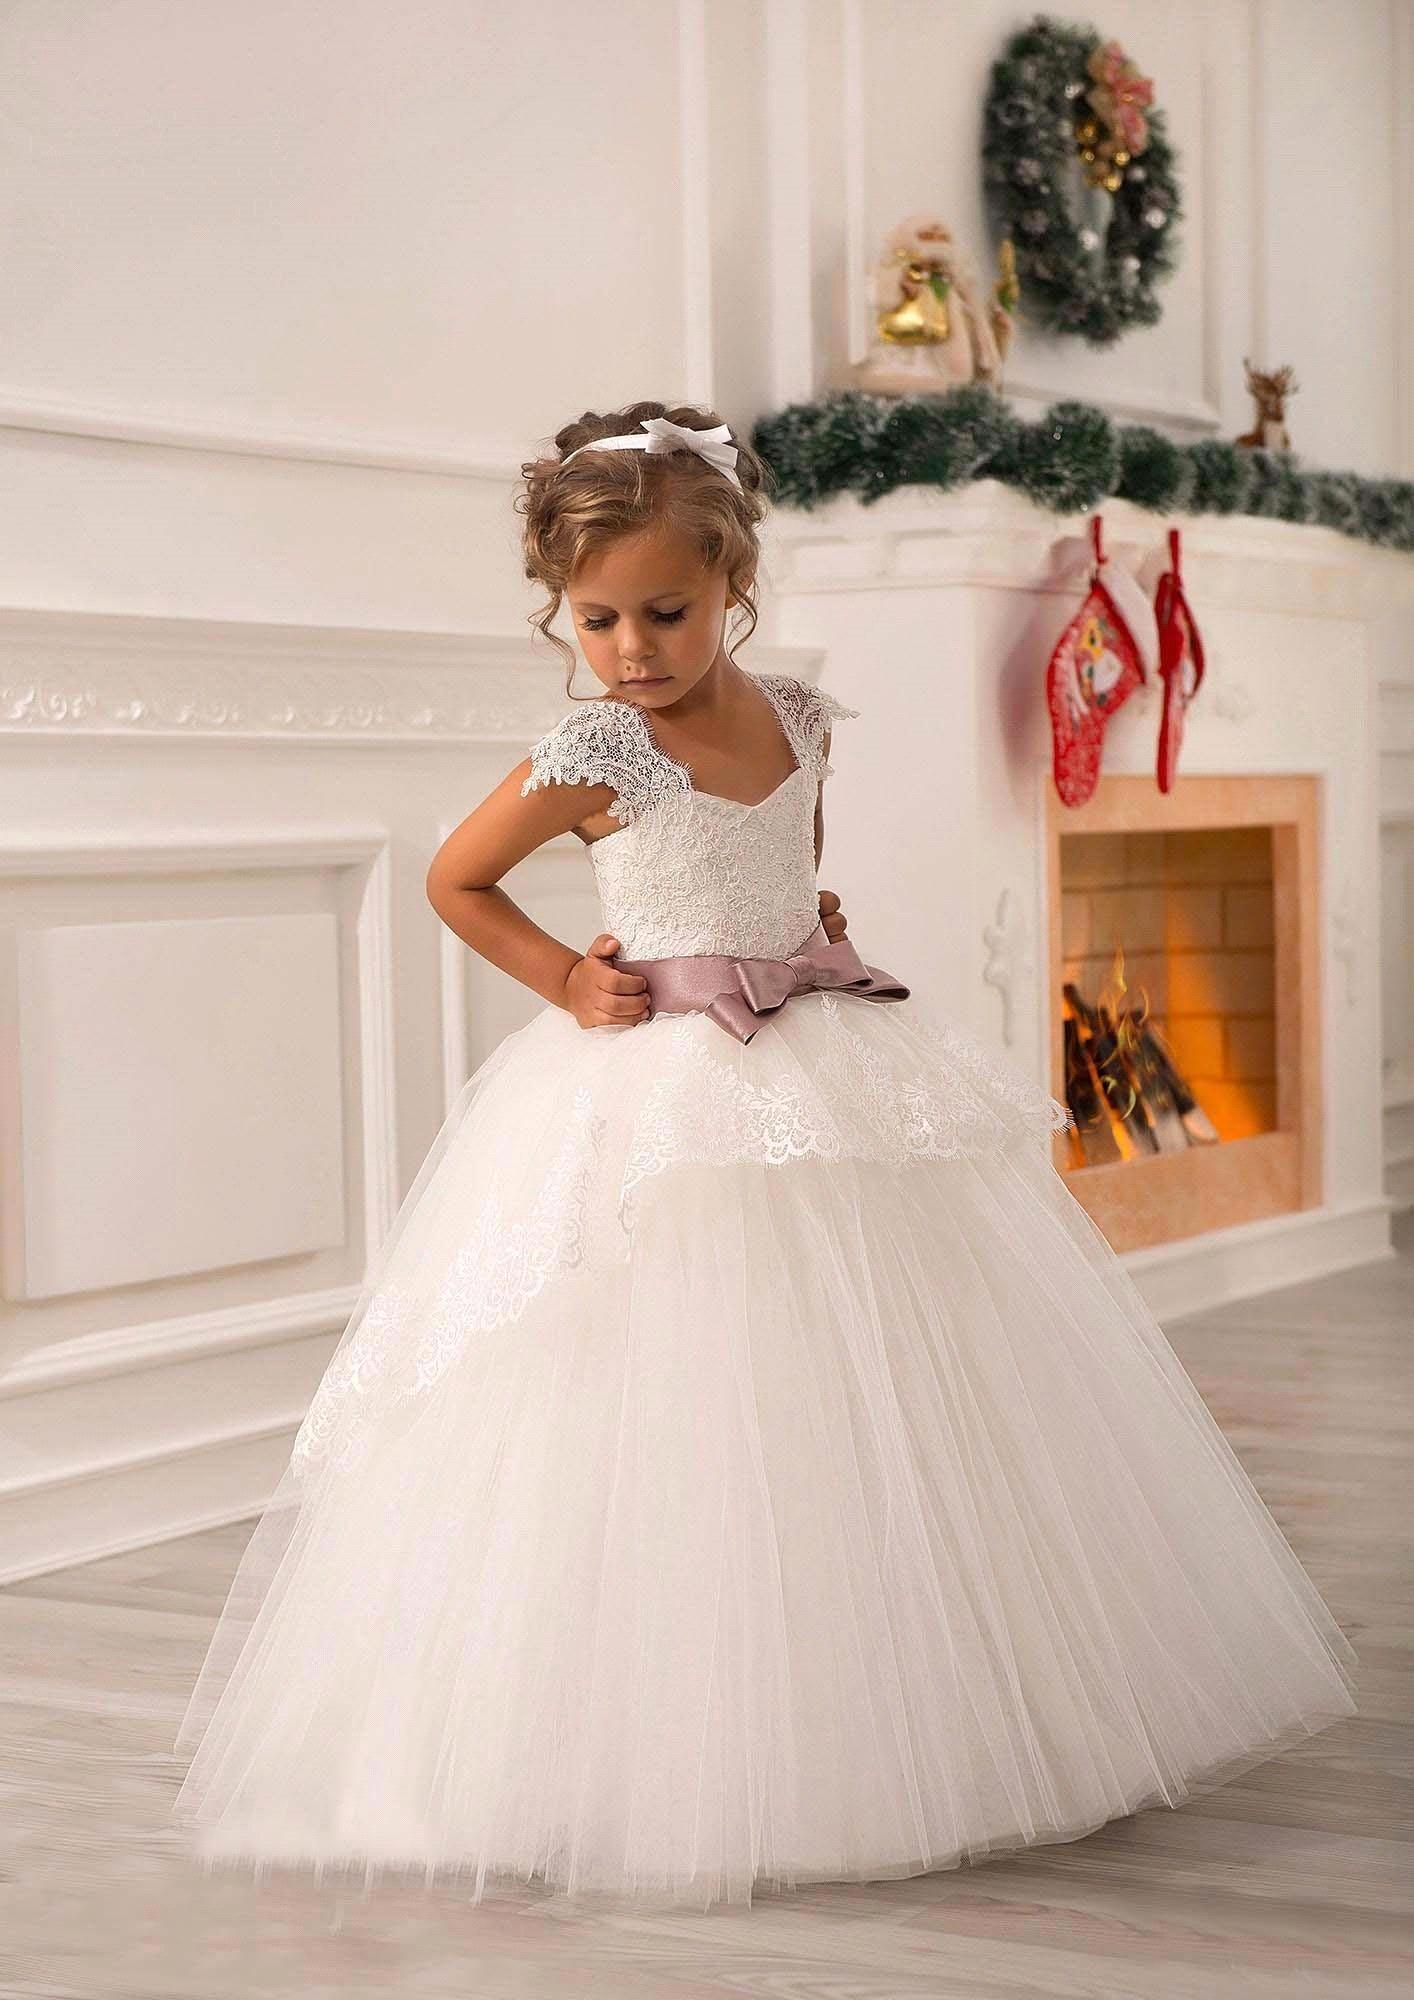 cd7b0c14c Aliexpress.com: Comprar Vestido de la navidad 2016 menos de 70 ...